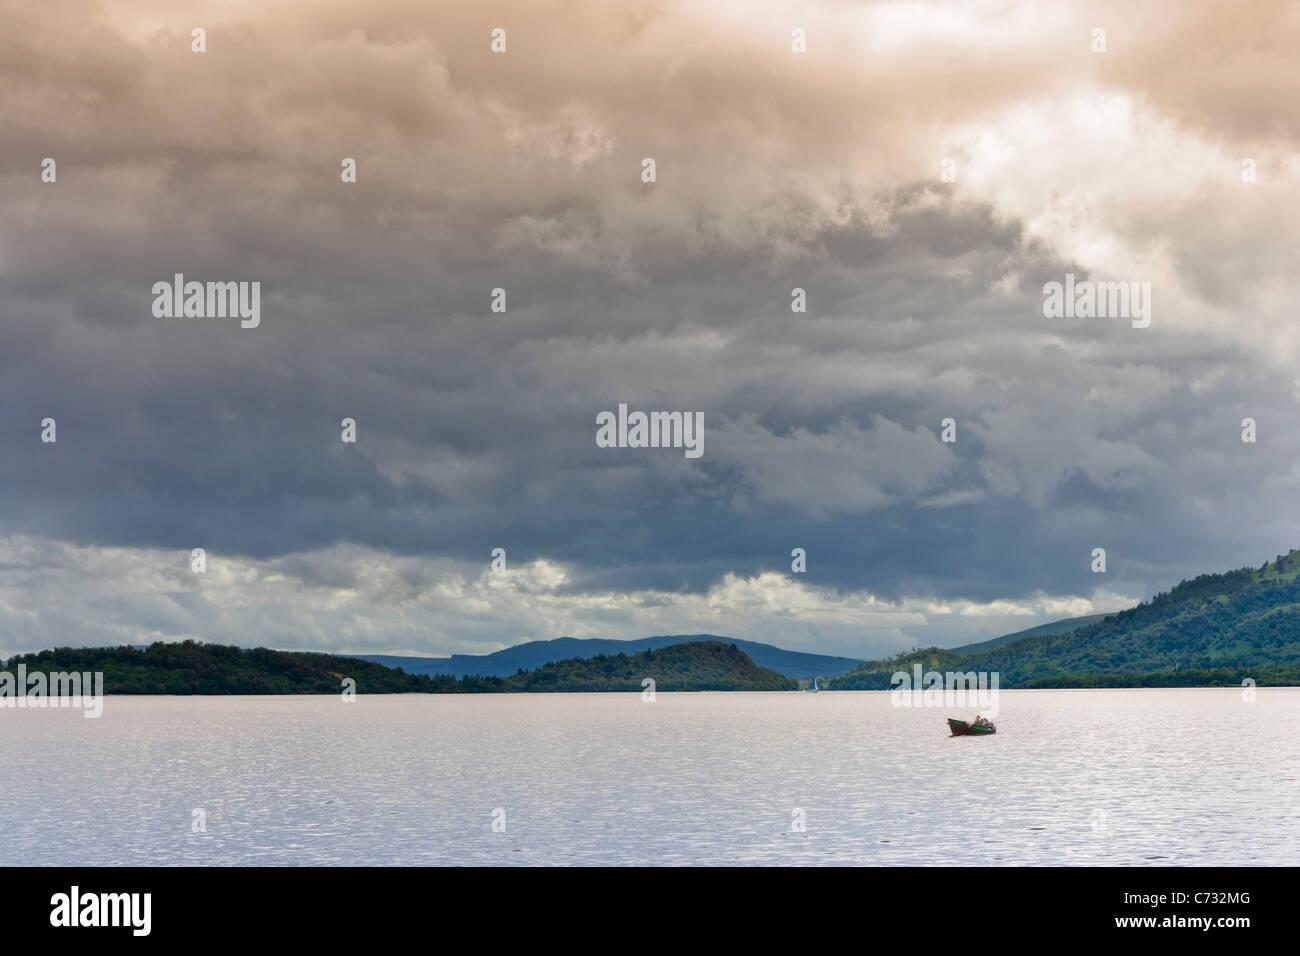 Kleines Boot am Loch Lomond, entnommen aus dem östlichen Ufer in der Nähe von Rowardennan, Schottland, Stockbild